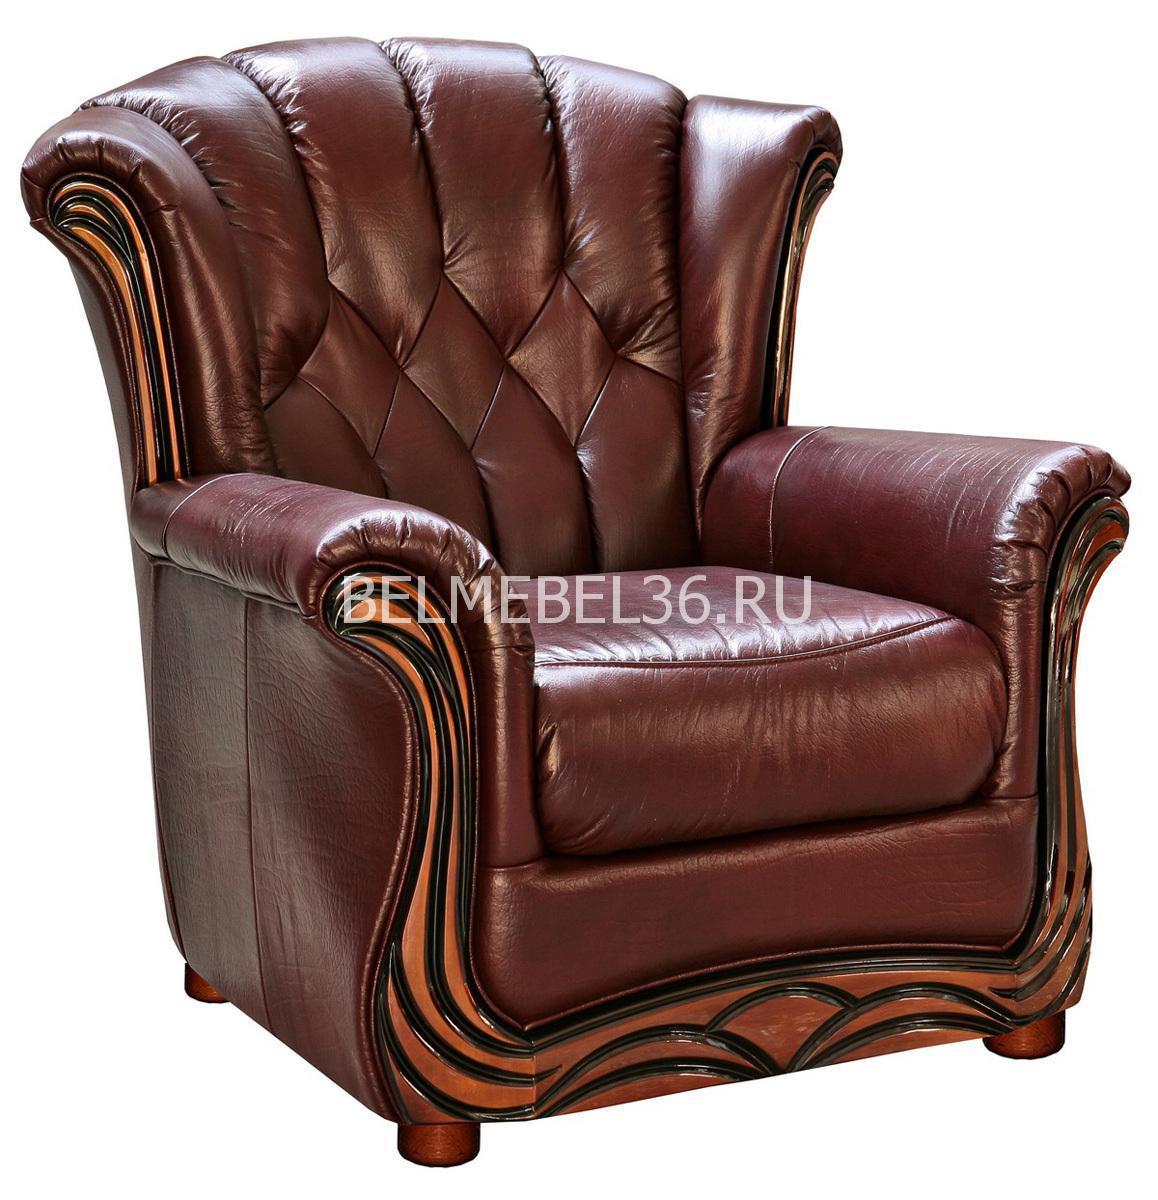 Кресло Европа (12) П-Д061 | Белорусская мебель в Воронеже